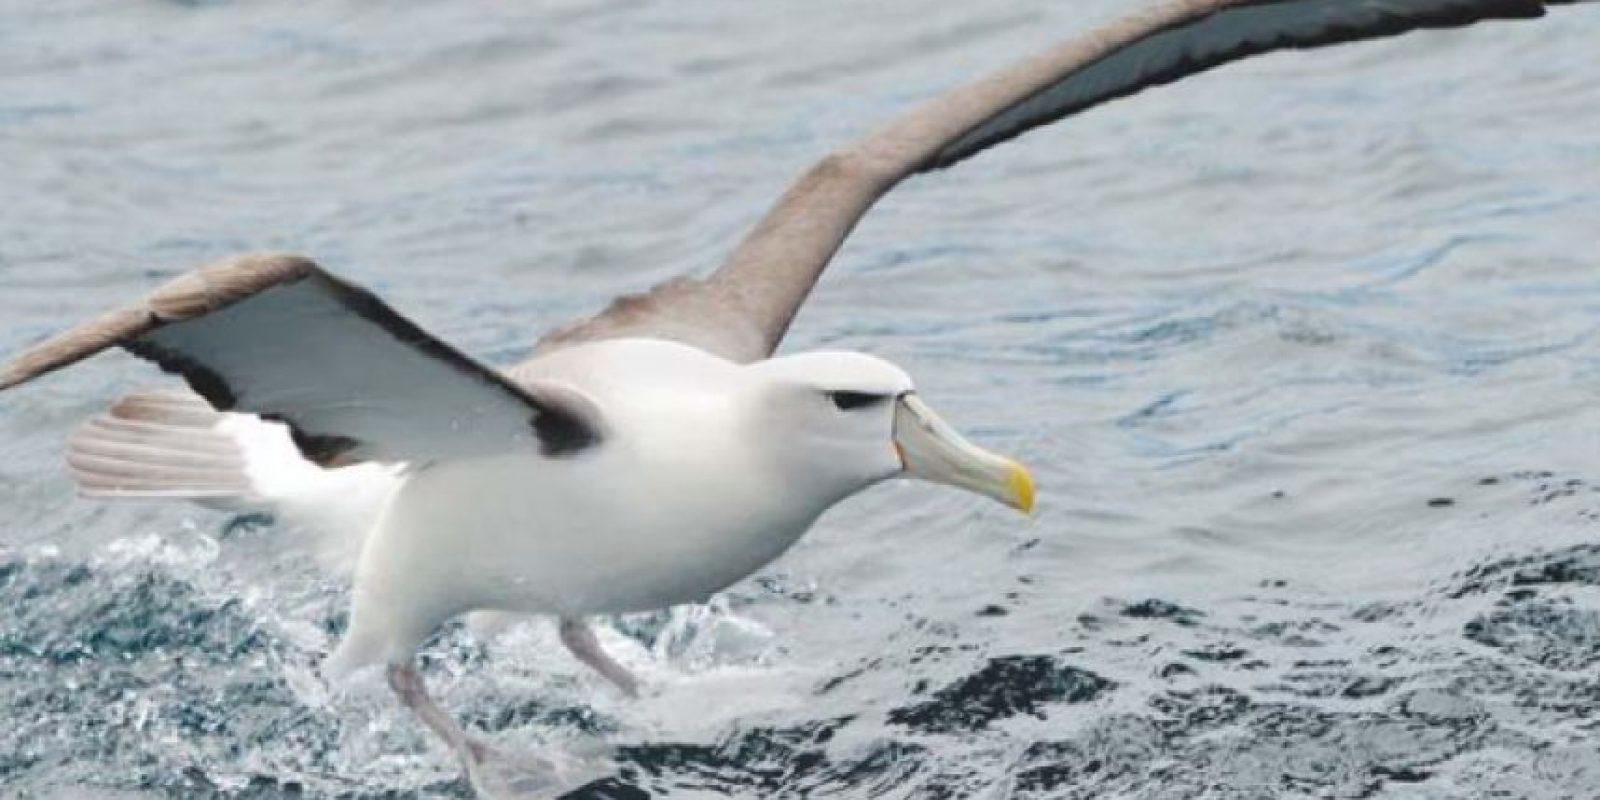 El lugar cuenta con 39 especies diferentes de aves. Foto:Vía http://mfe.govt.nz